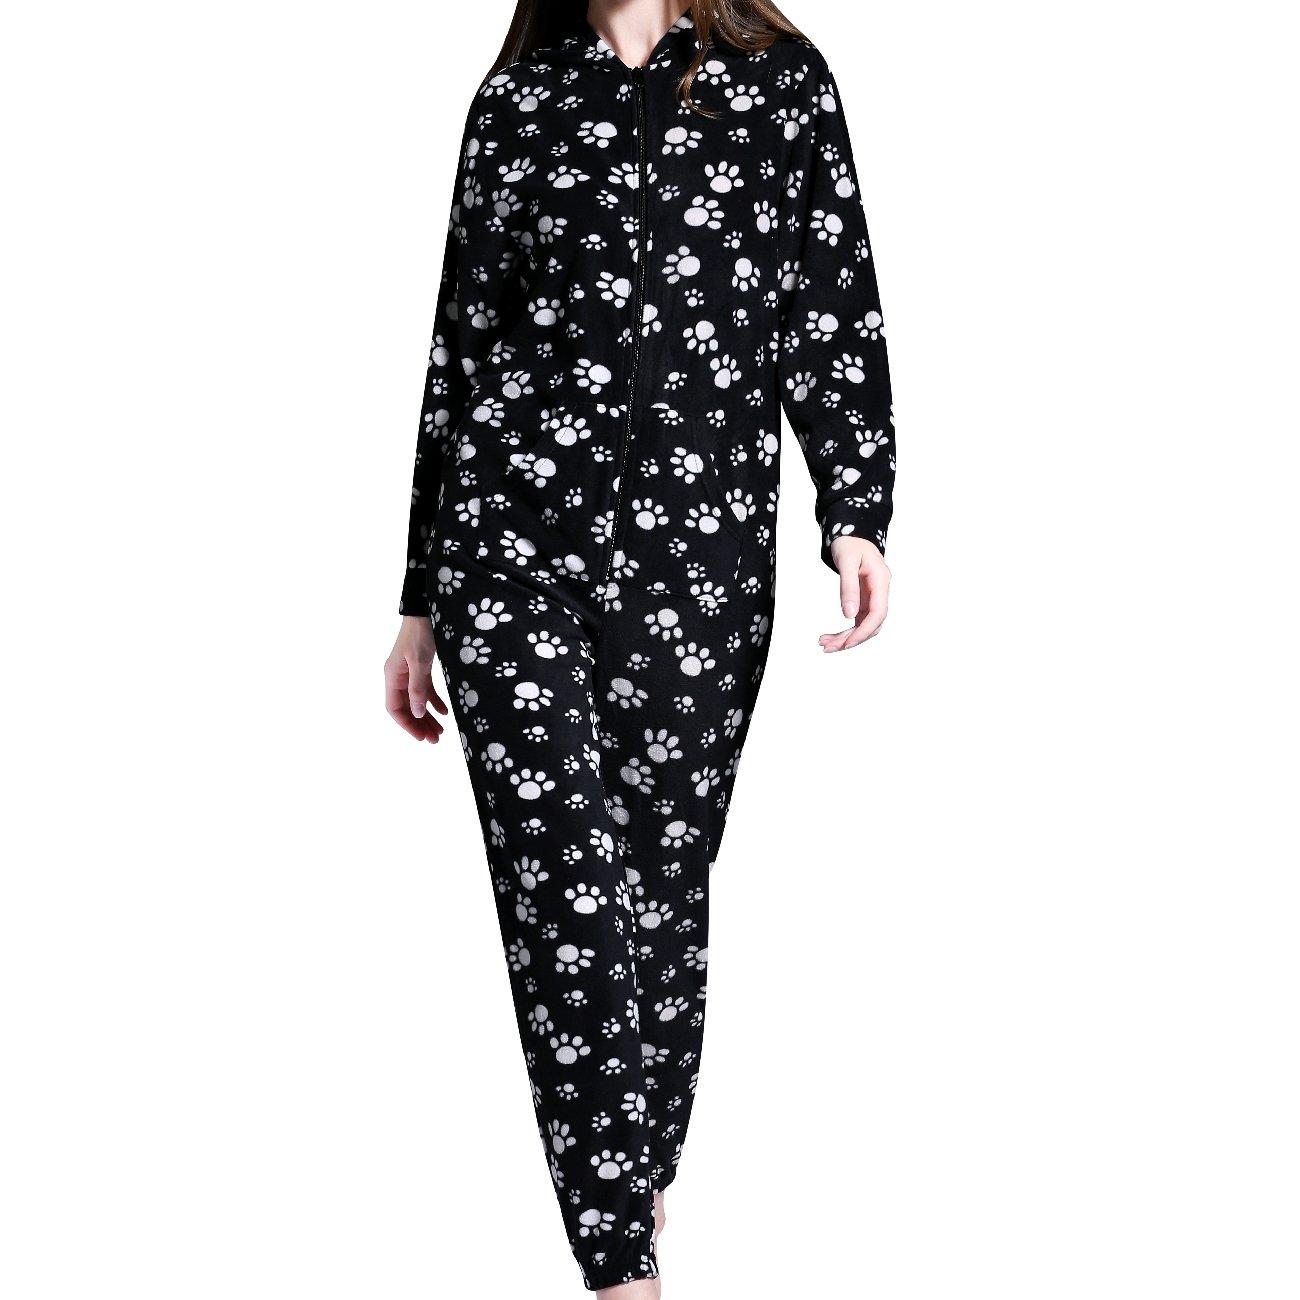 Airee Fairee Onesie Womens Hooded Onesies All in One Jumpsuit Playsuit Nightwear